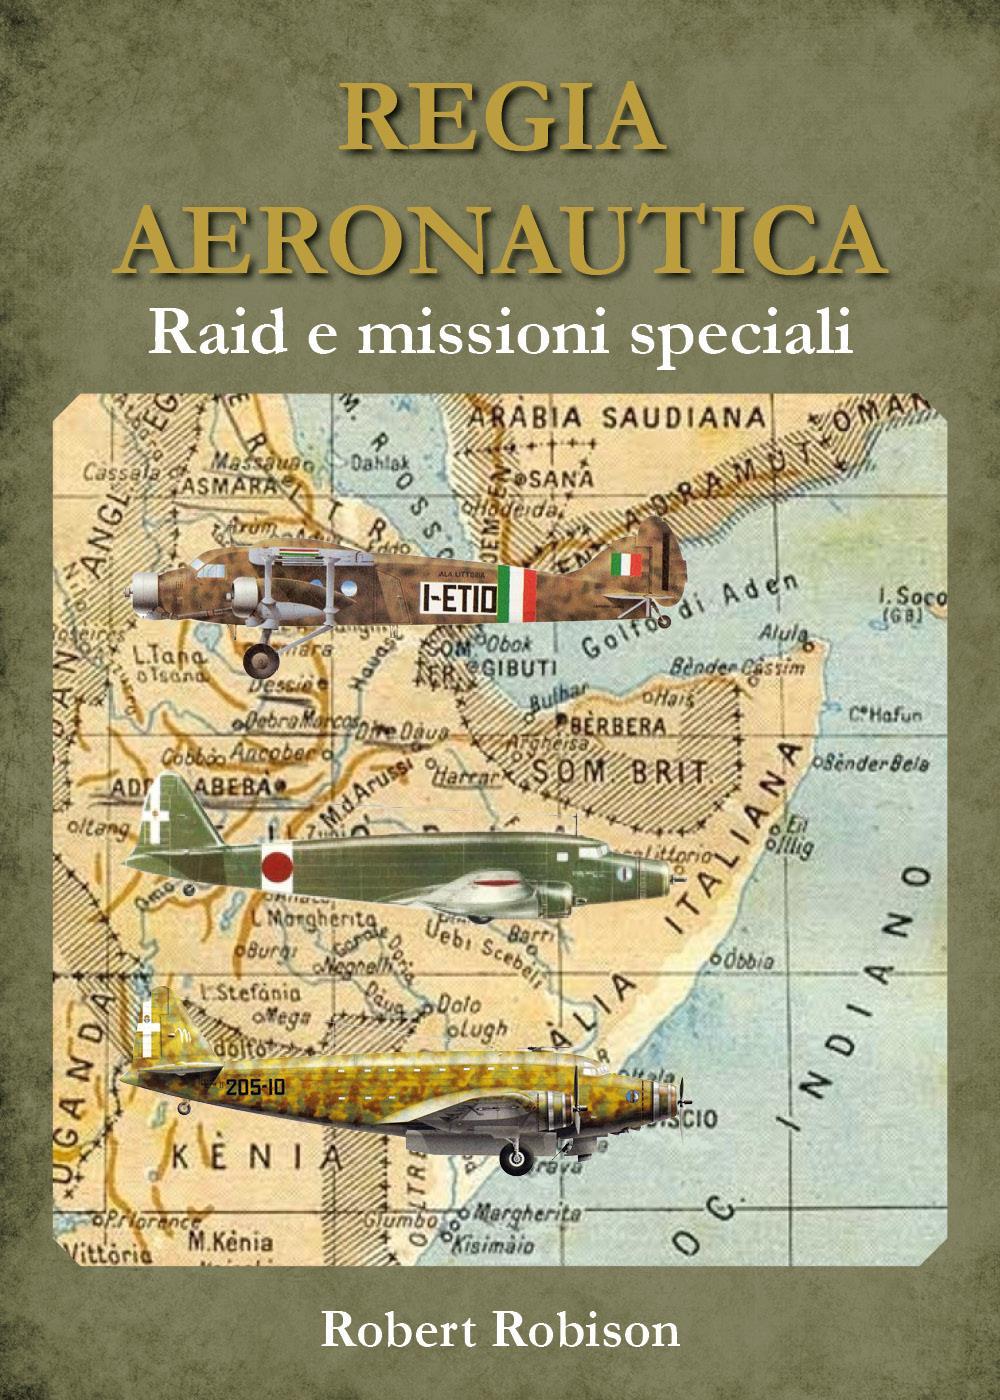 REGIA AERONAUTICA - Raid e missioni speciali